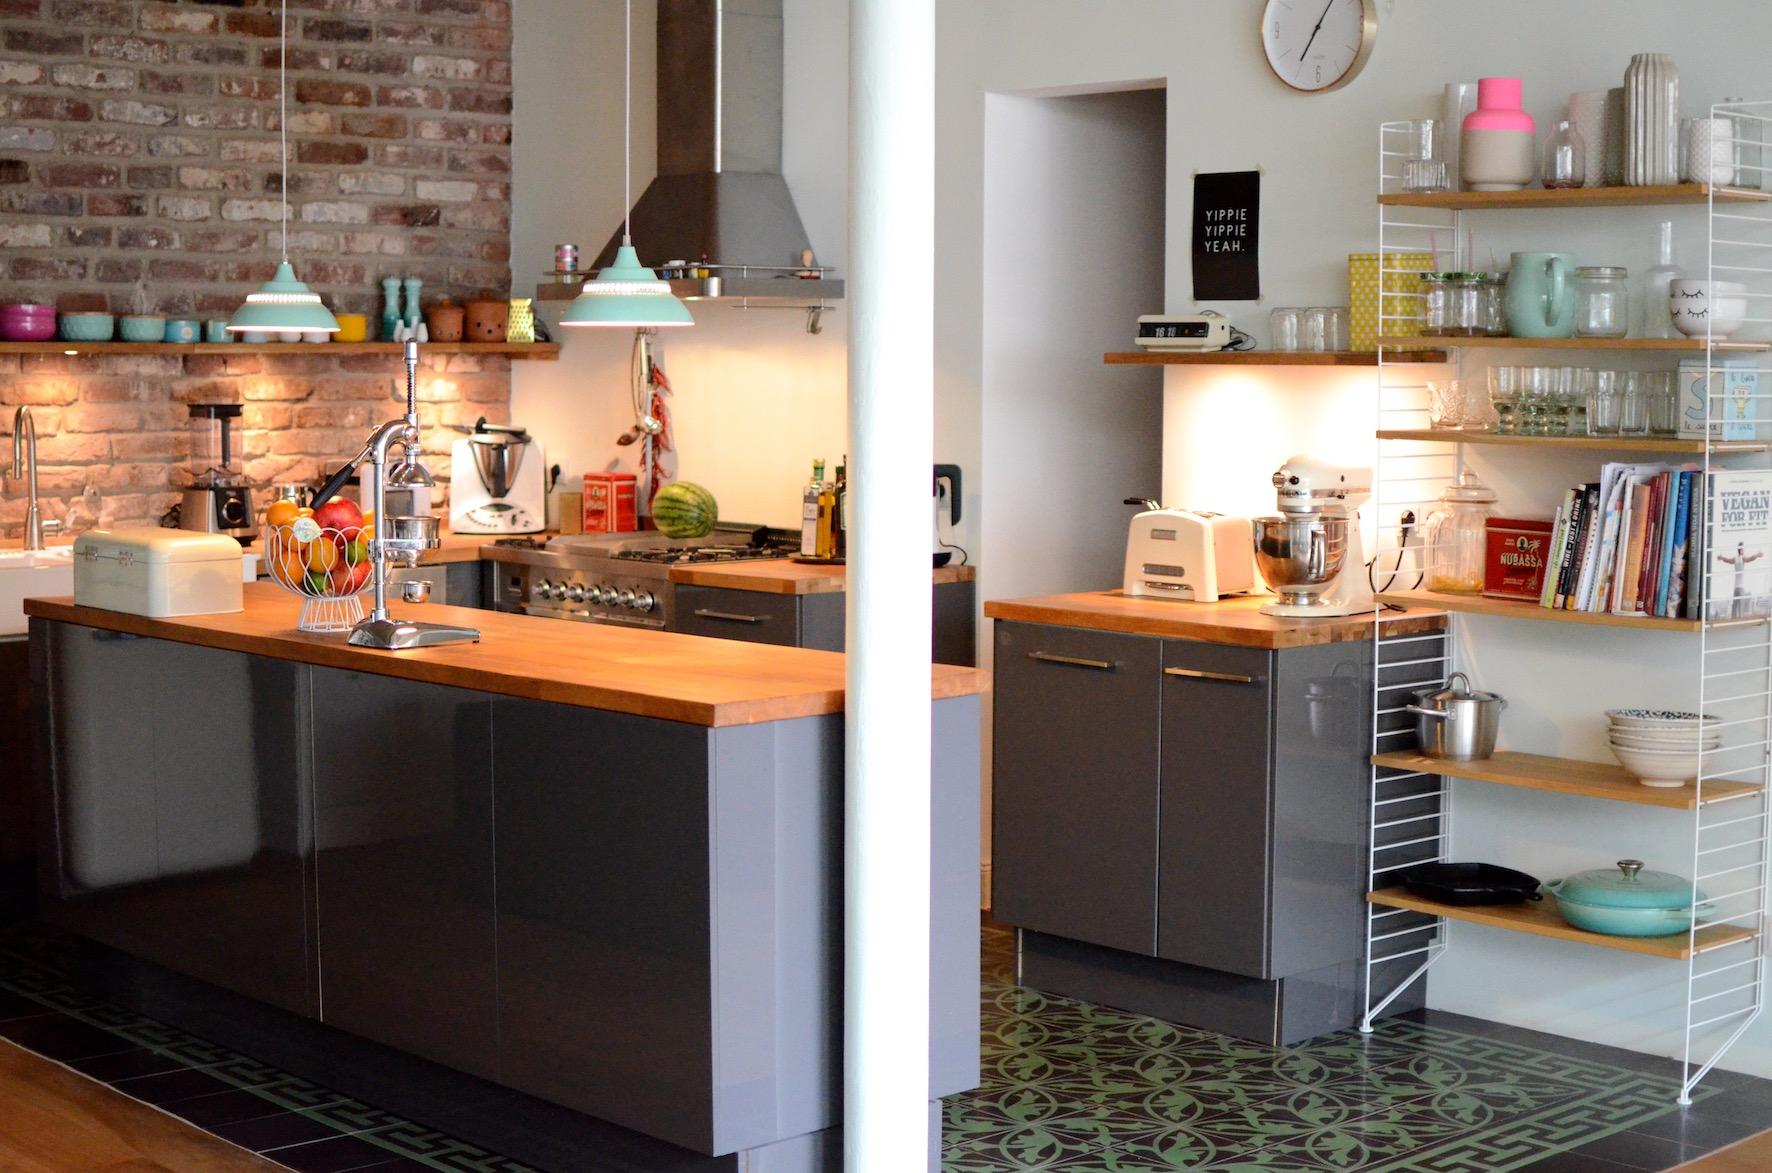 Projekt Loftausbau Wie Man Eine Offene Küche Perfekt Ins